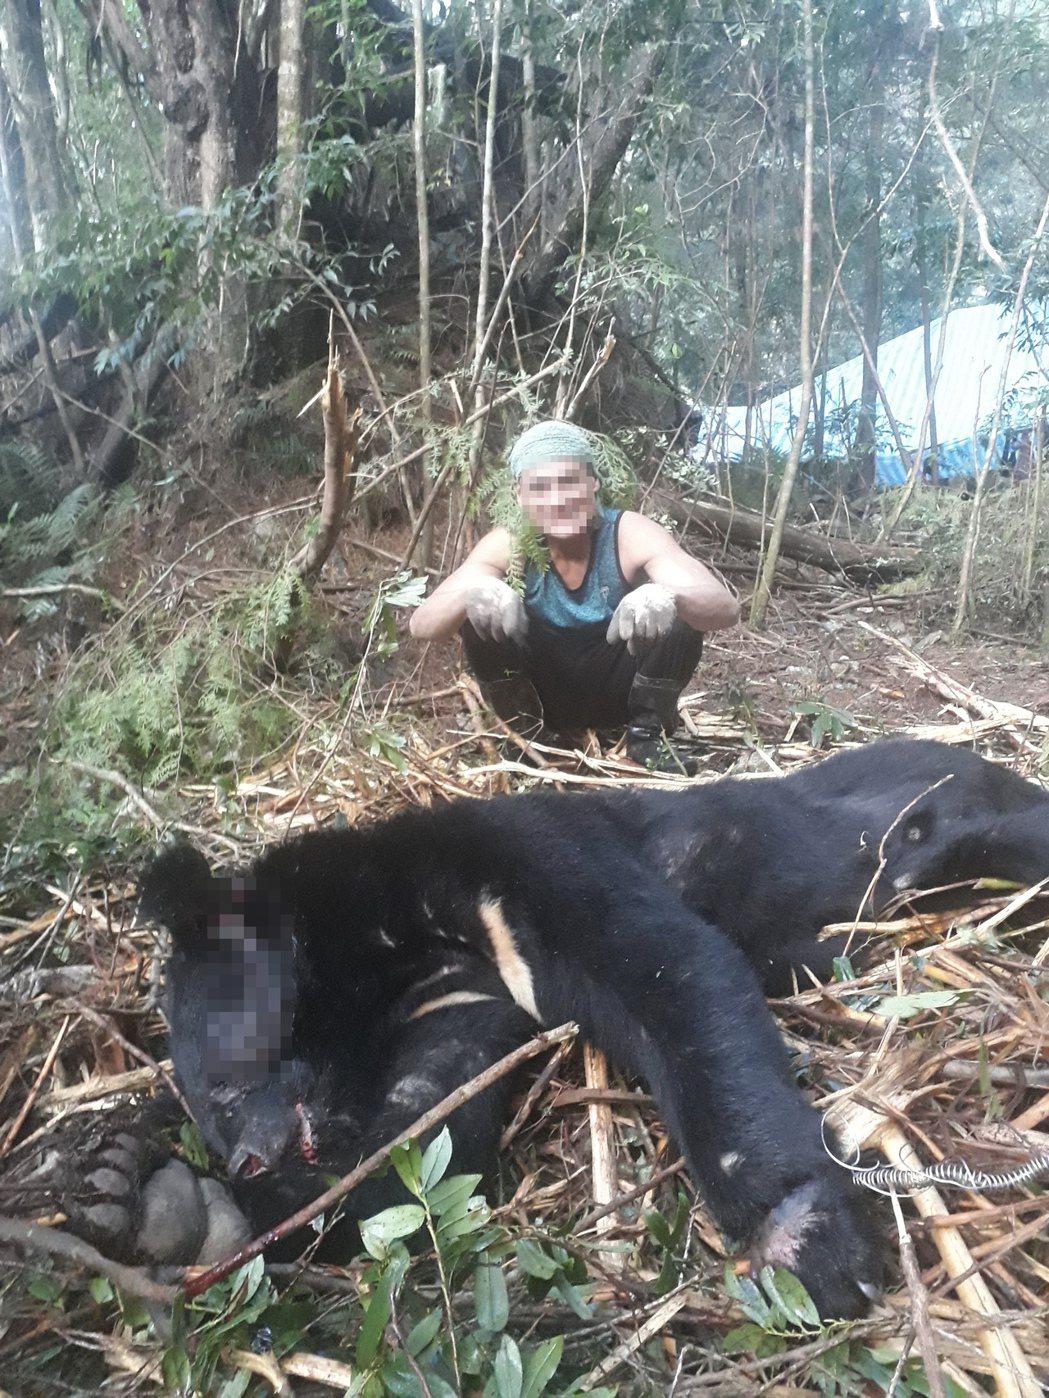 巨木盜伐集團捕獲黑熊後開心合影,檢警上山時黑熊已化為白骨。記者巫鴻瑋/翻攝